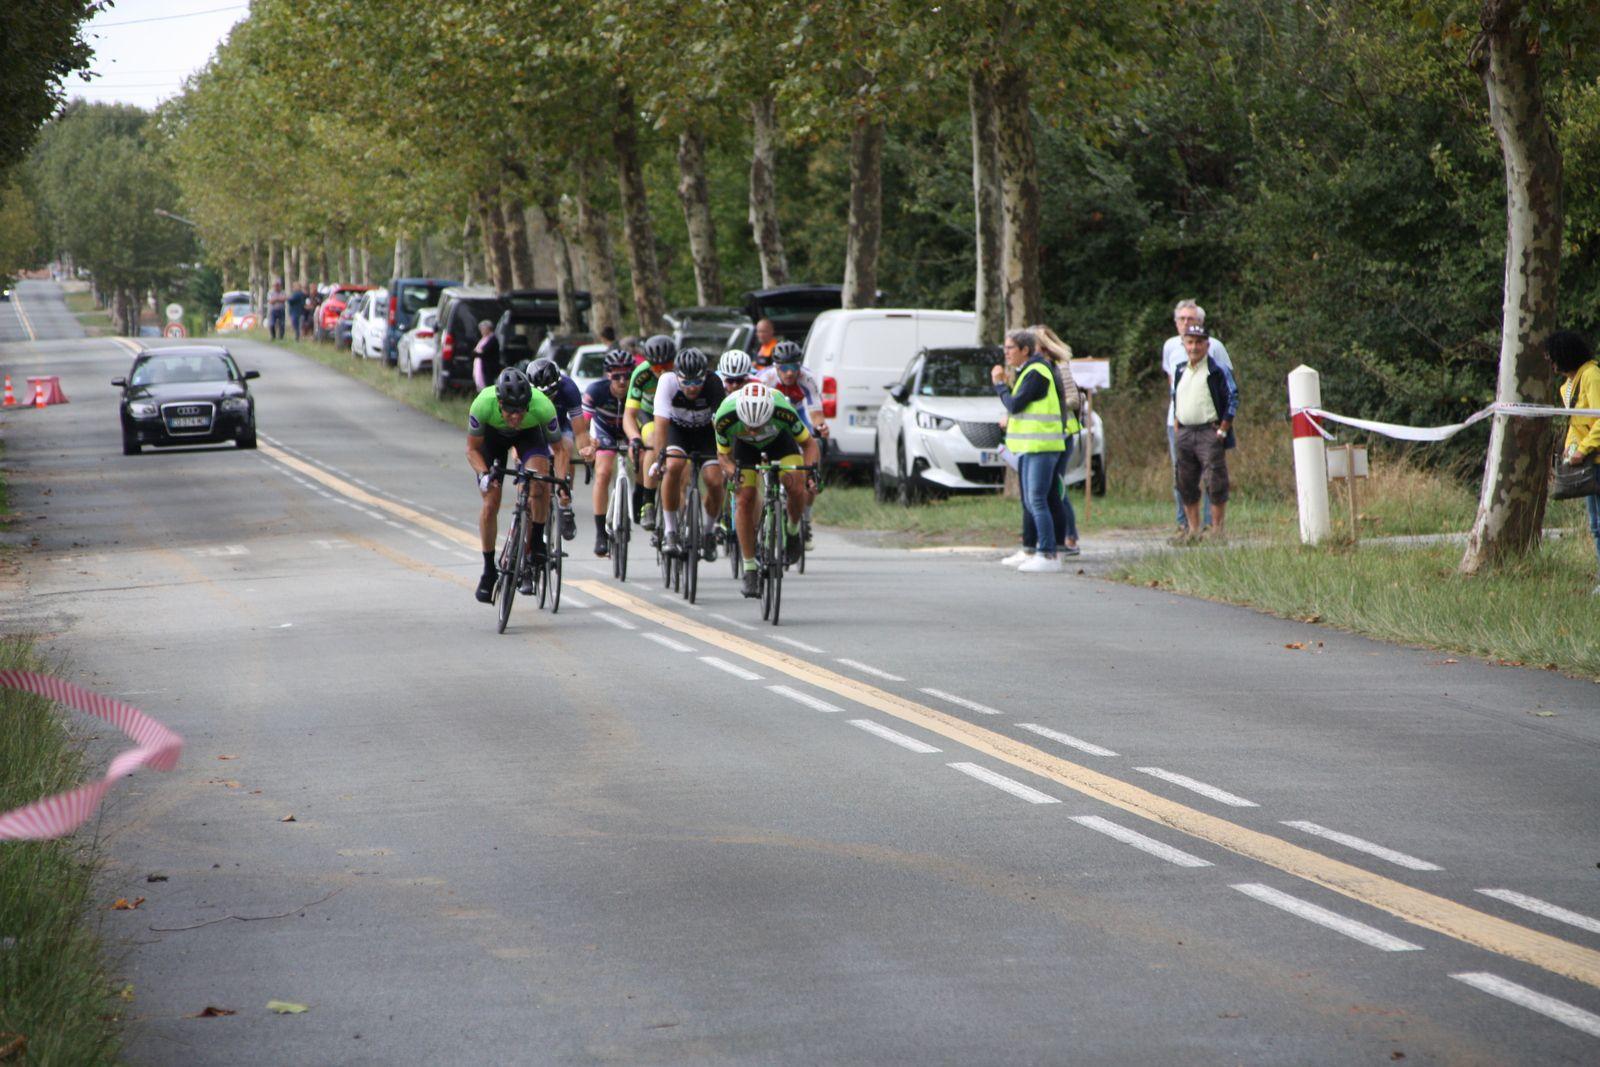 3e  tour  Franck  GUILLAUD, Thibaud  BARILLOU, Nicolas  LEBOEUF, Stéphane  BOIRIVANT,Clément  LAURENT, Vincent  JICQUEL  font  partie  de  ce  groupe  de  tête